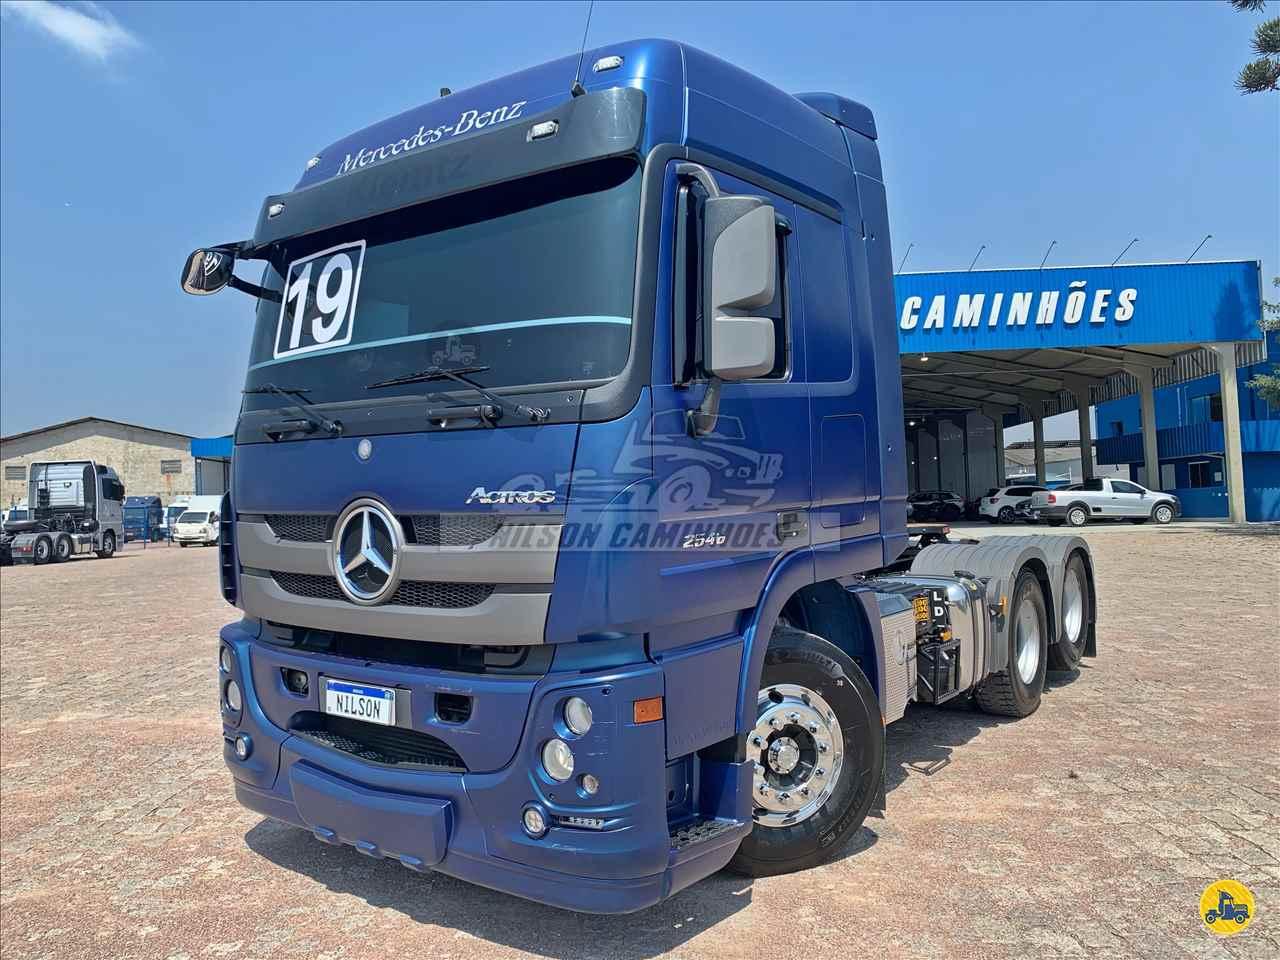 CAMINHAO MERCEDES-BENZ MB 2546 Cavalo Mecânico Truck 6x2 Nilson Caminhoes SAO JOSE DOS PINHAIS PARANÁ PR